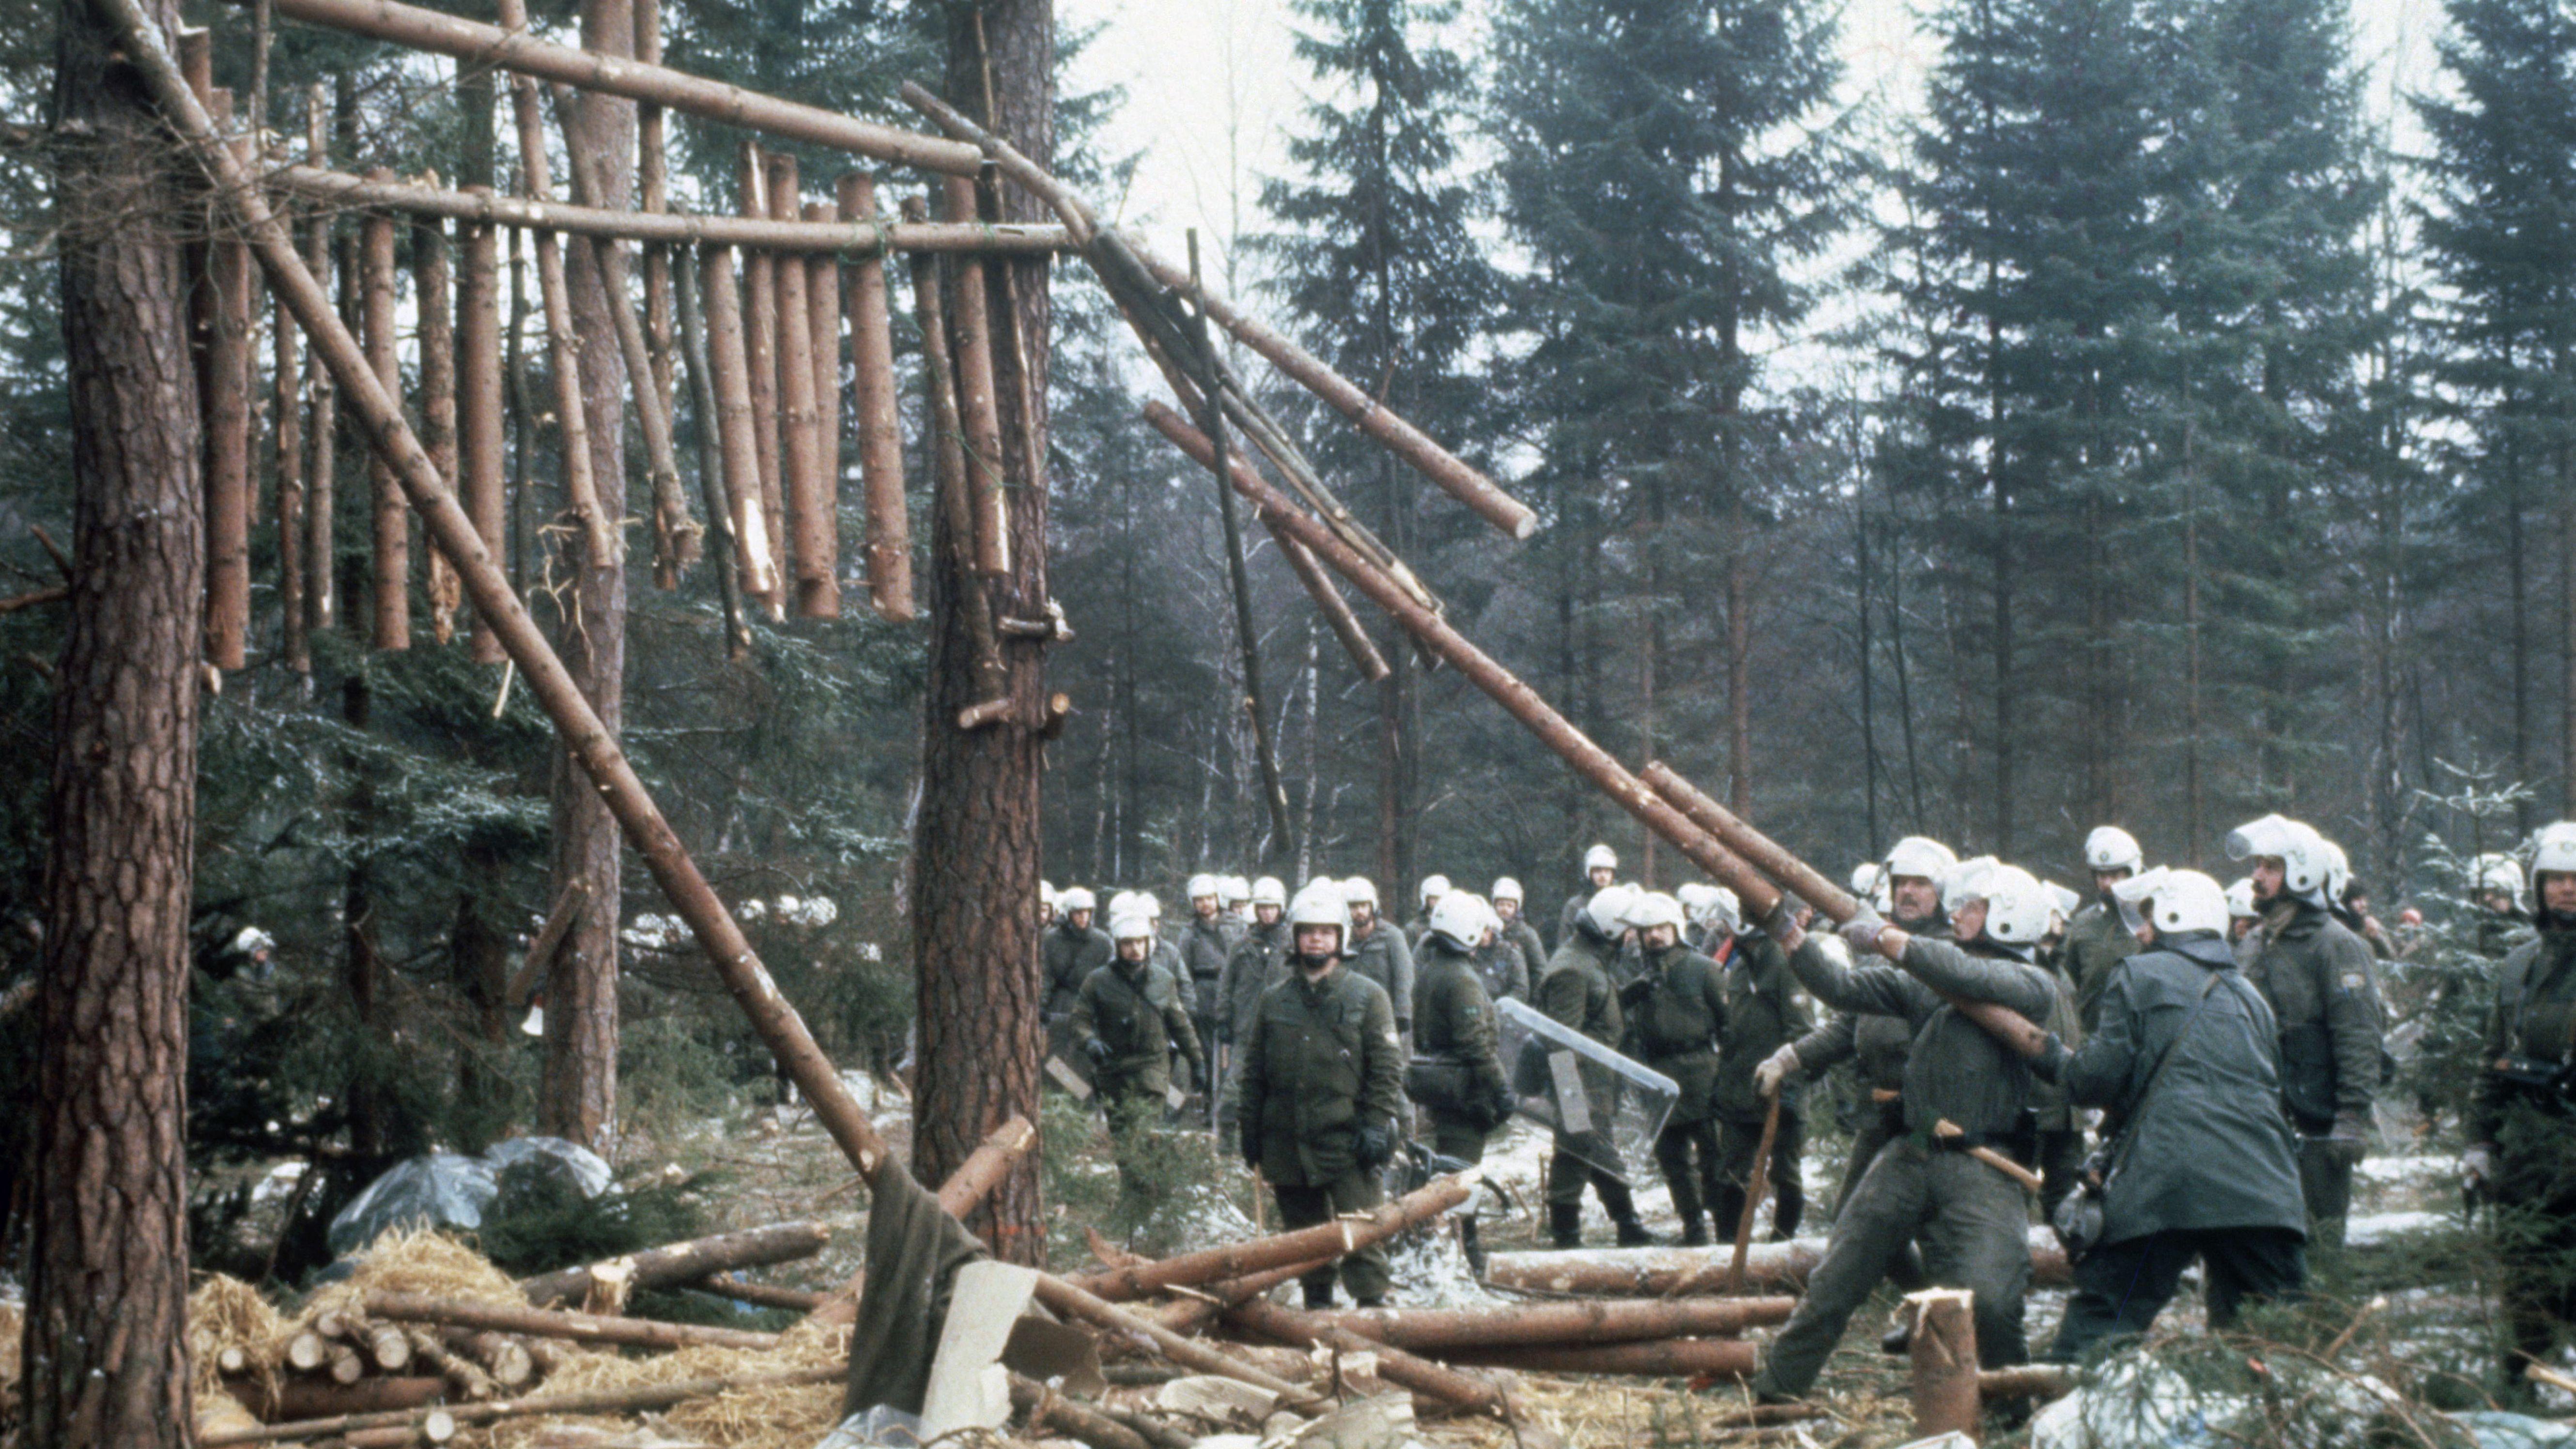 """Das 1985 auf dem gerodeten WAA-Gelände im Taxöldener Forst entstandene Hüttendorf """"Wackerland"""" wird im Januar 1986 von der Polizei geräumt."""